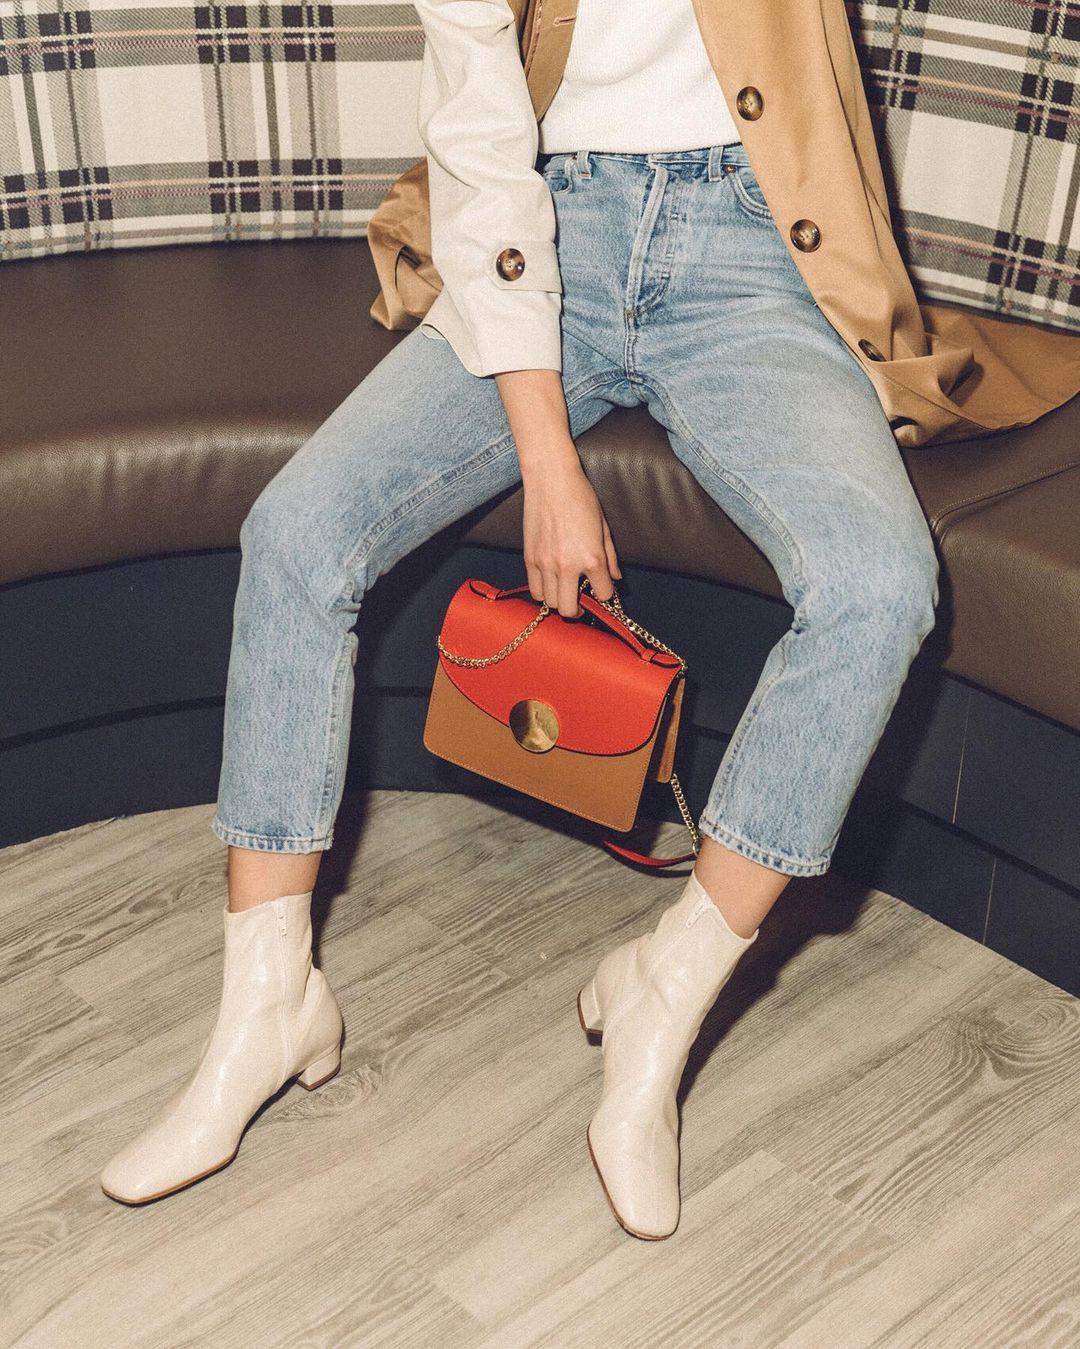 """Mix & Phối - Chân ngắn, chân to hay vòng kiềng... tìm ngay công thức diện boots """"tốt khoe xấu che"""", tôn dáng nhất cho đôi chân của chị em - chanvaydep.net 4"""